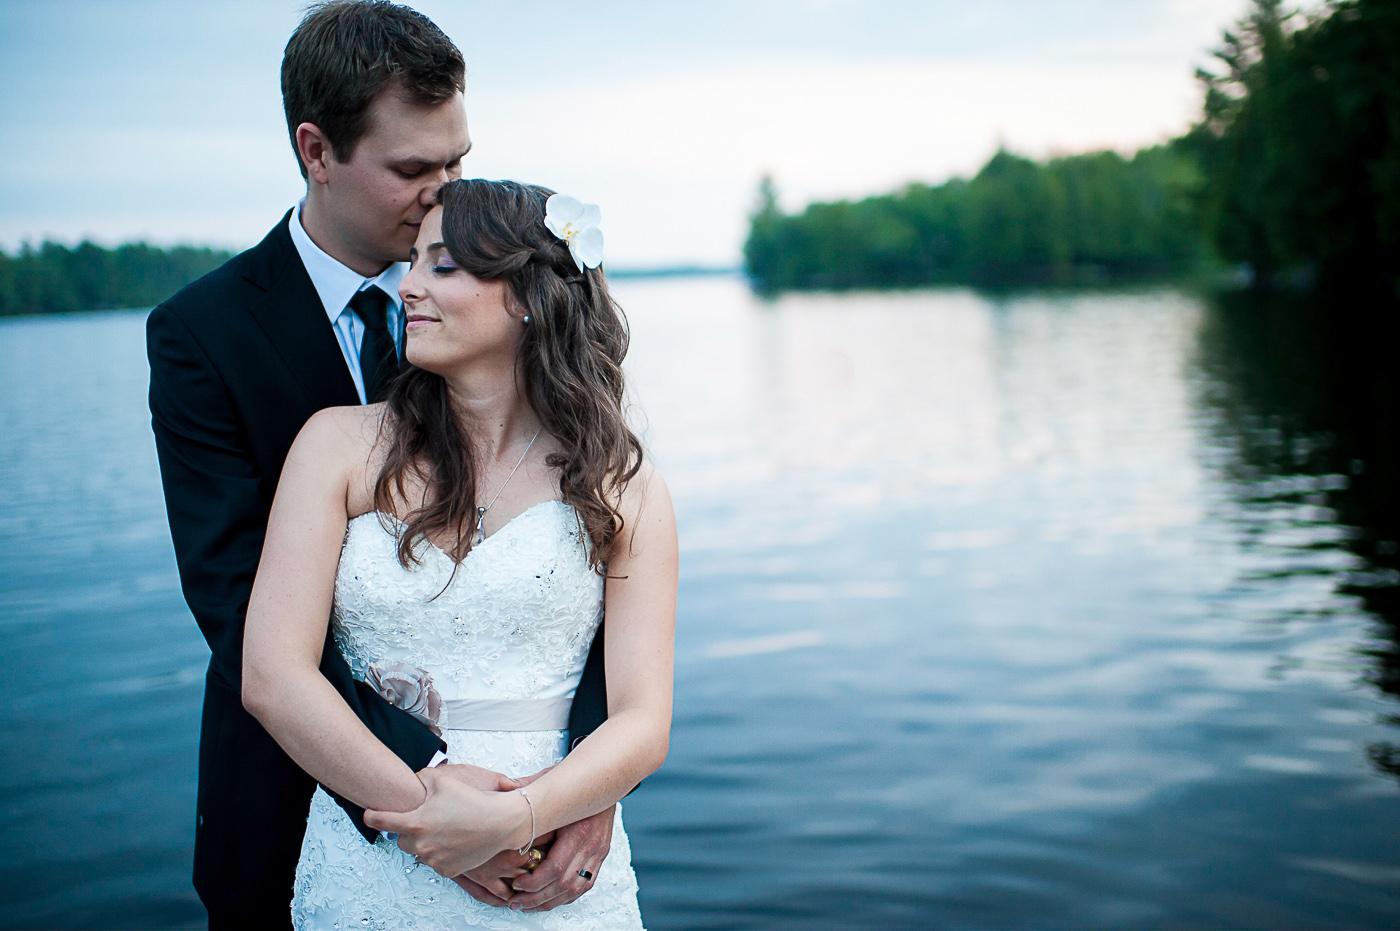 wedding-ring-007.jpg